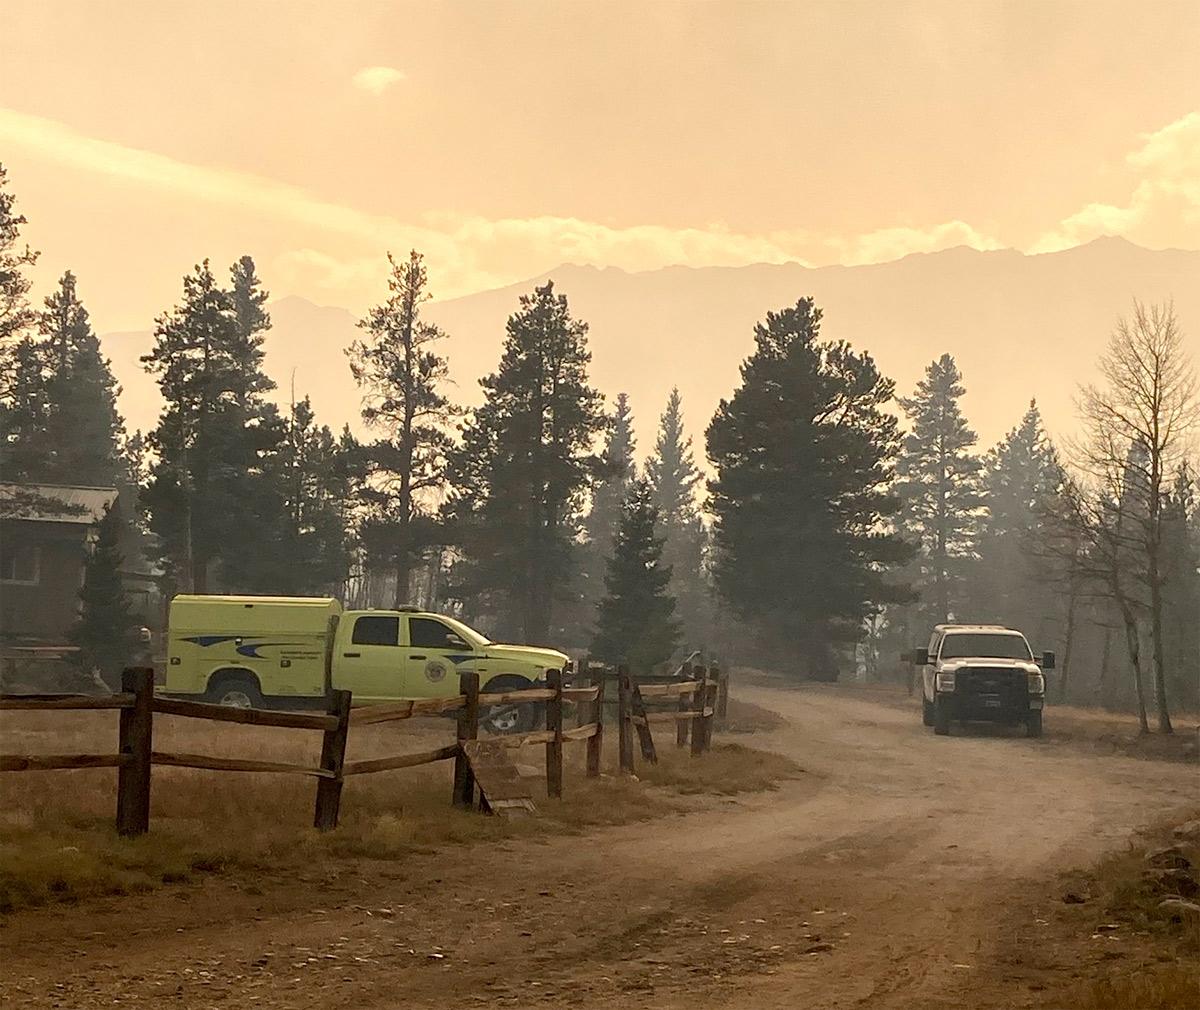 Imagen 5: Fuego